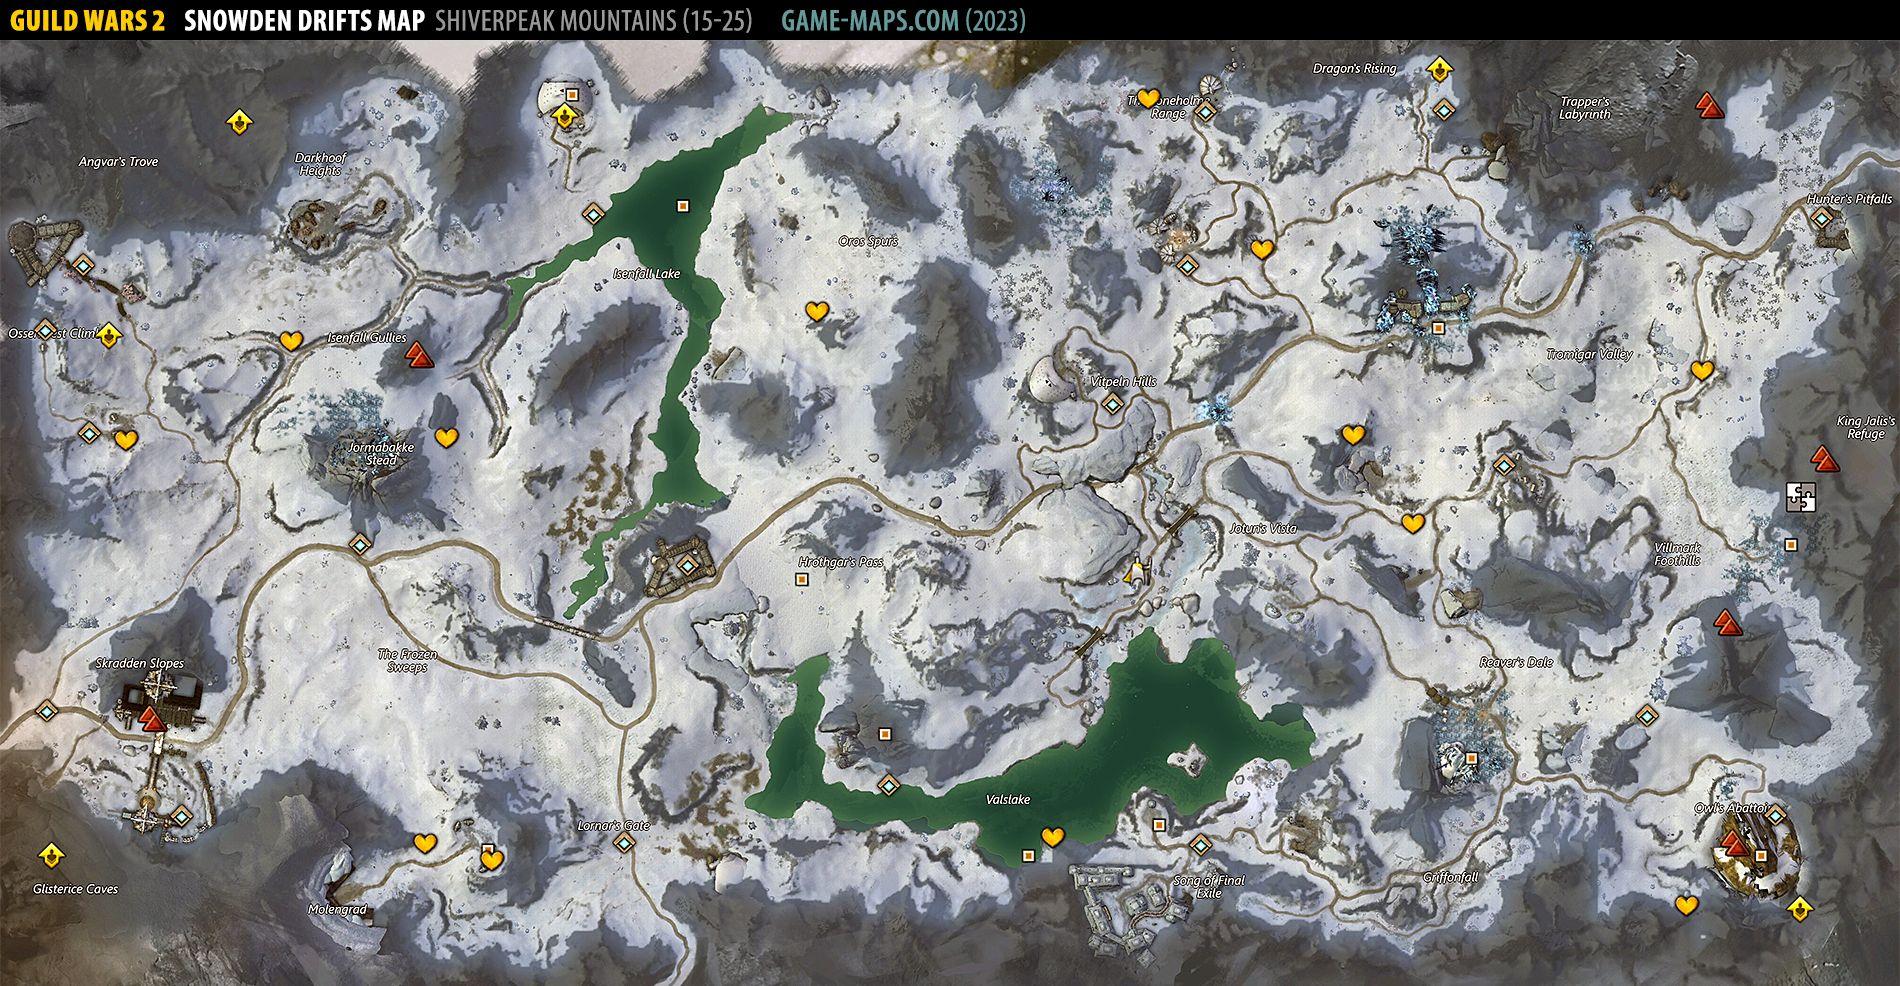 Snowden Drifts GW2 Map